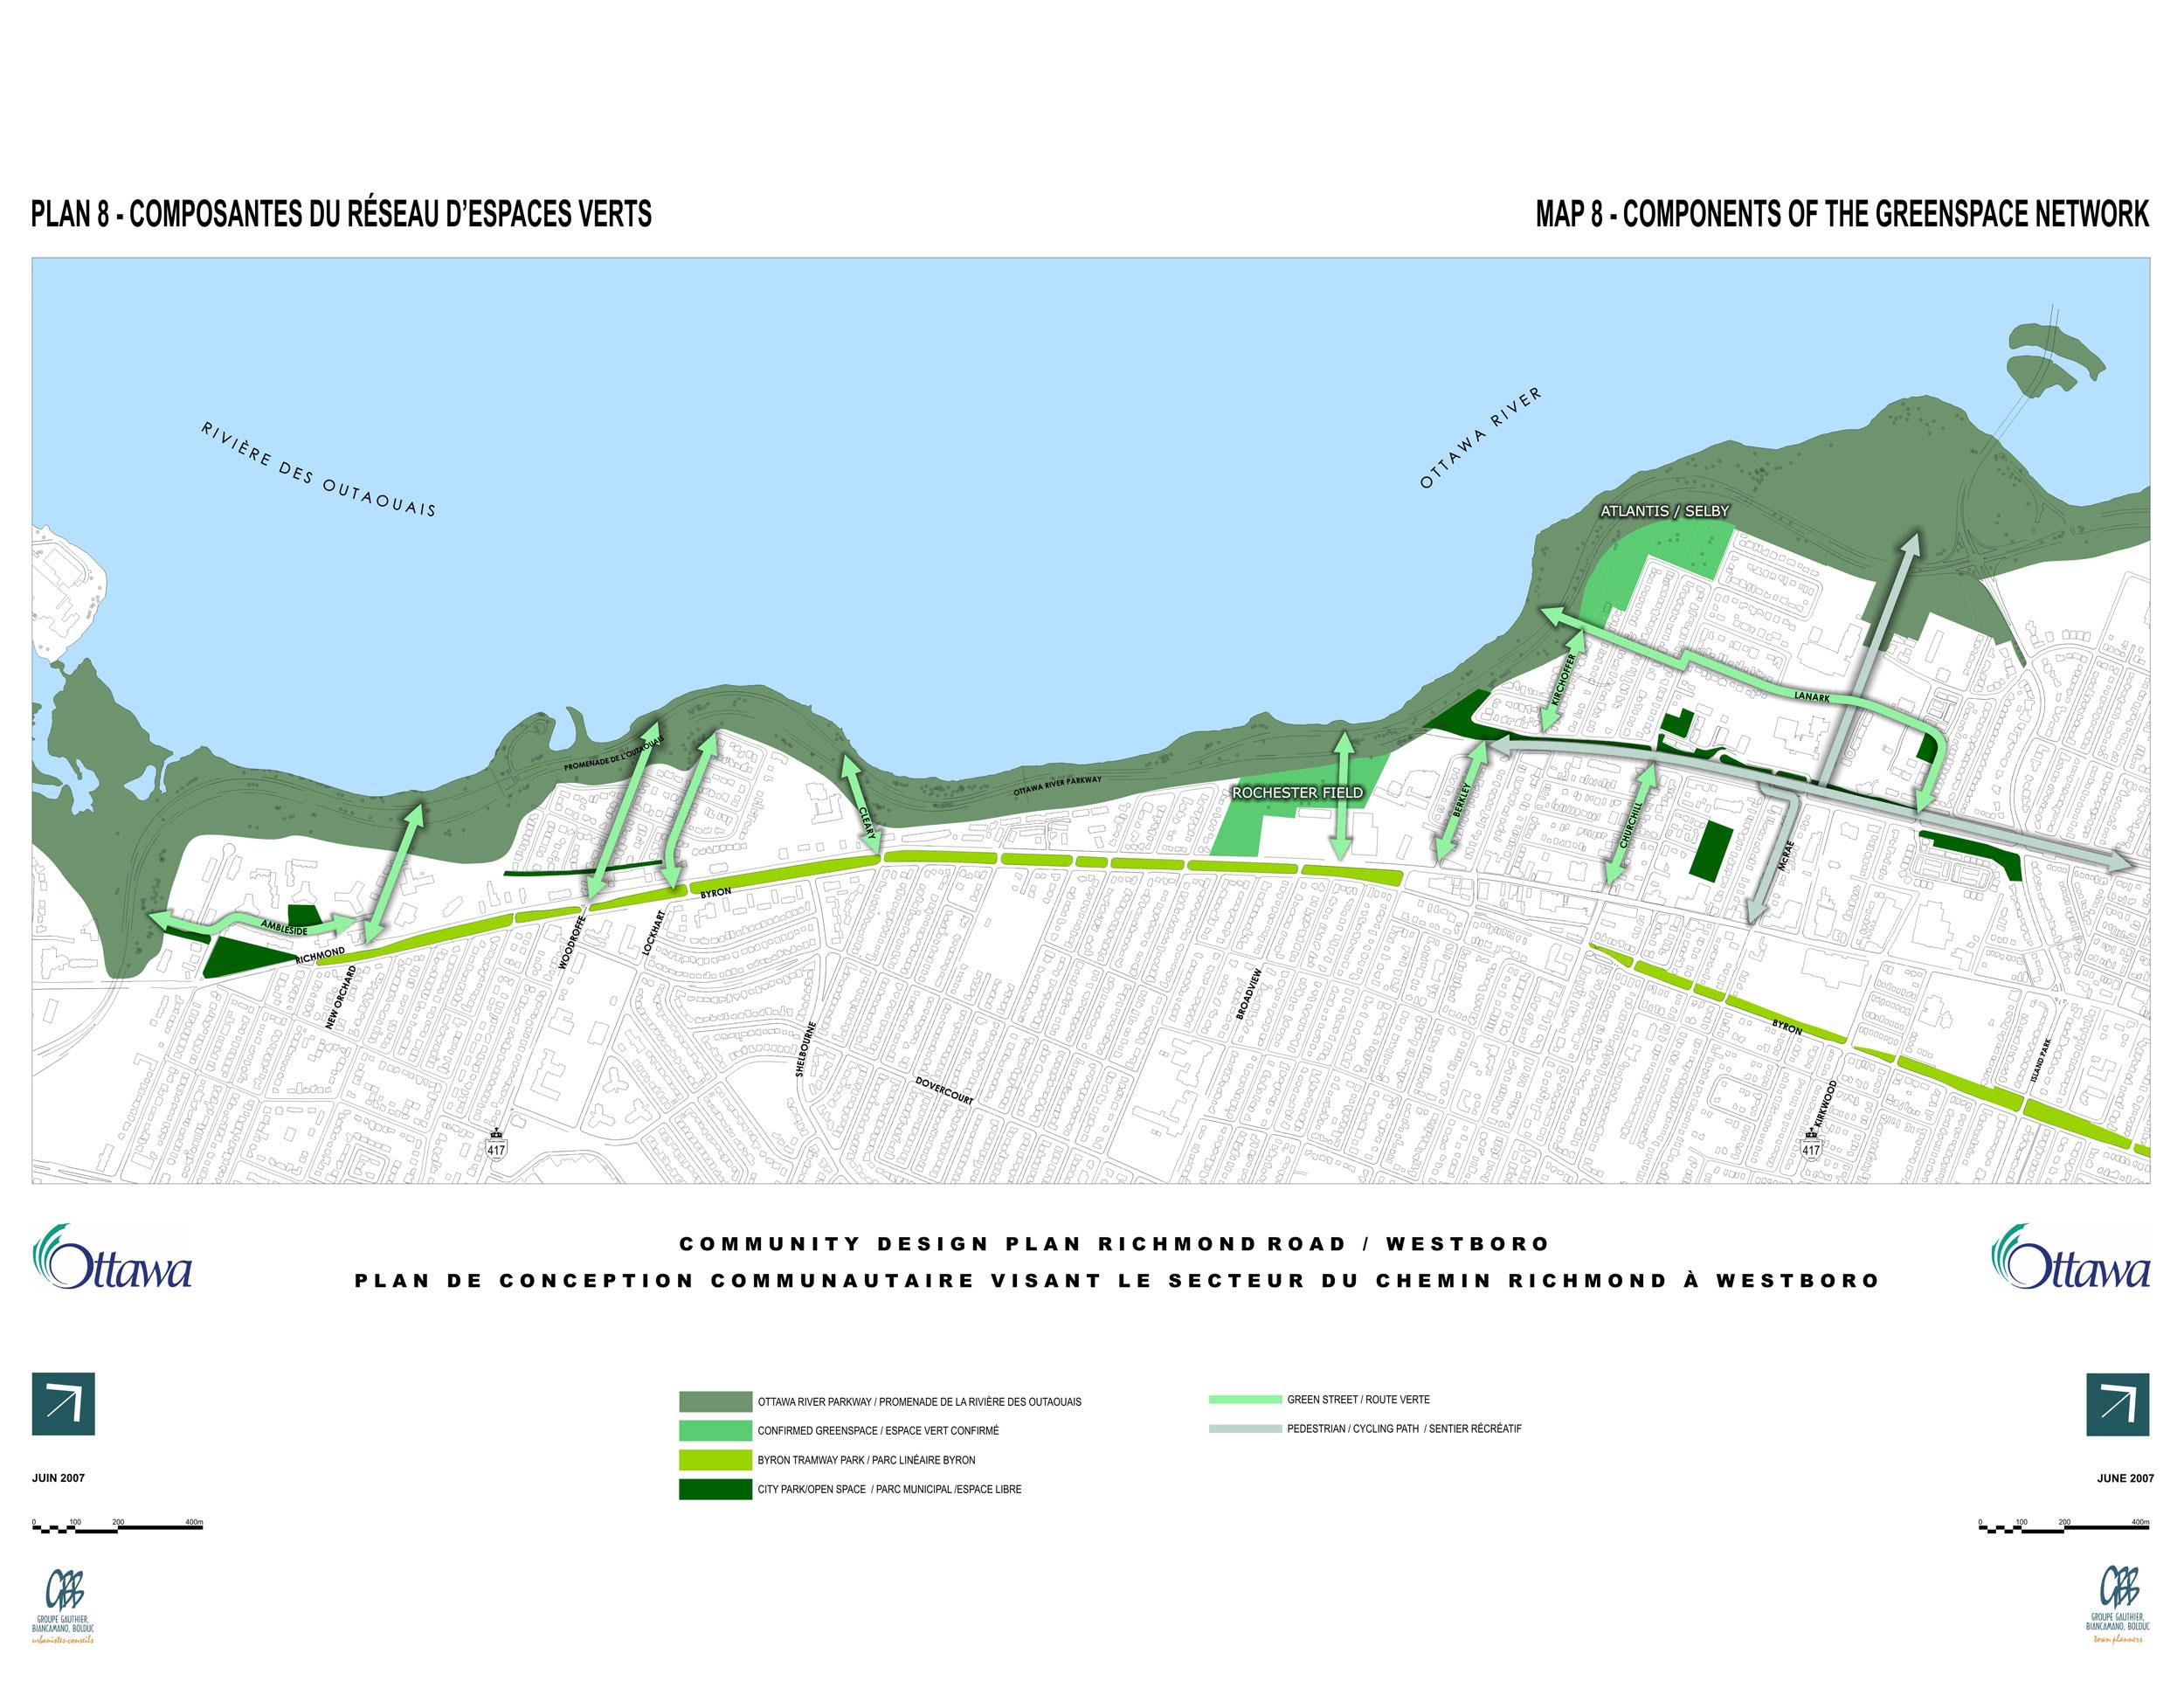 Plan de conception communautaire du secteur du chemin for Plan de conception